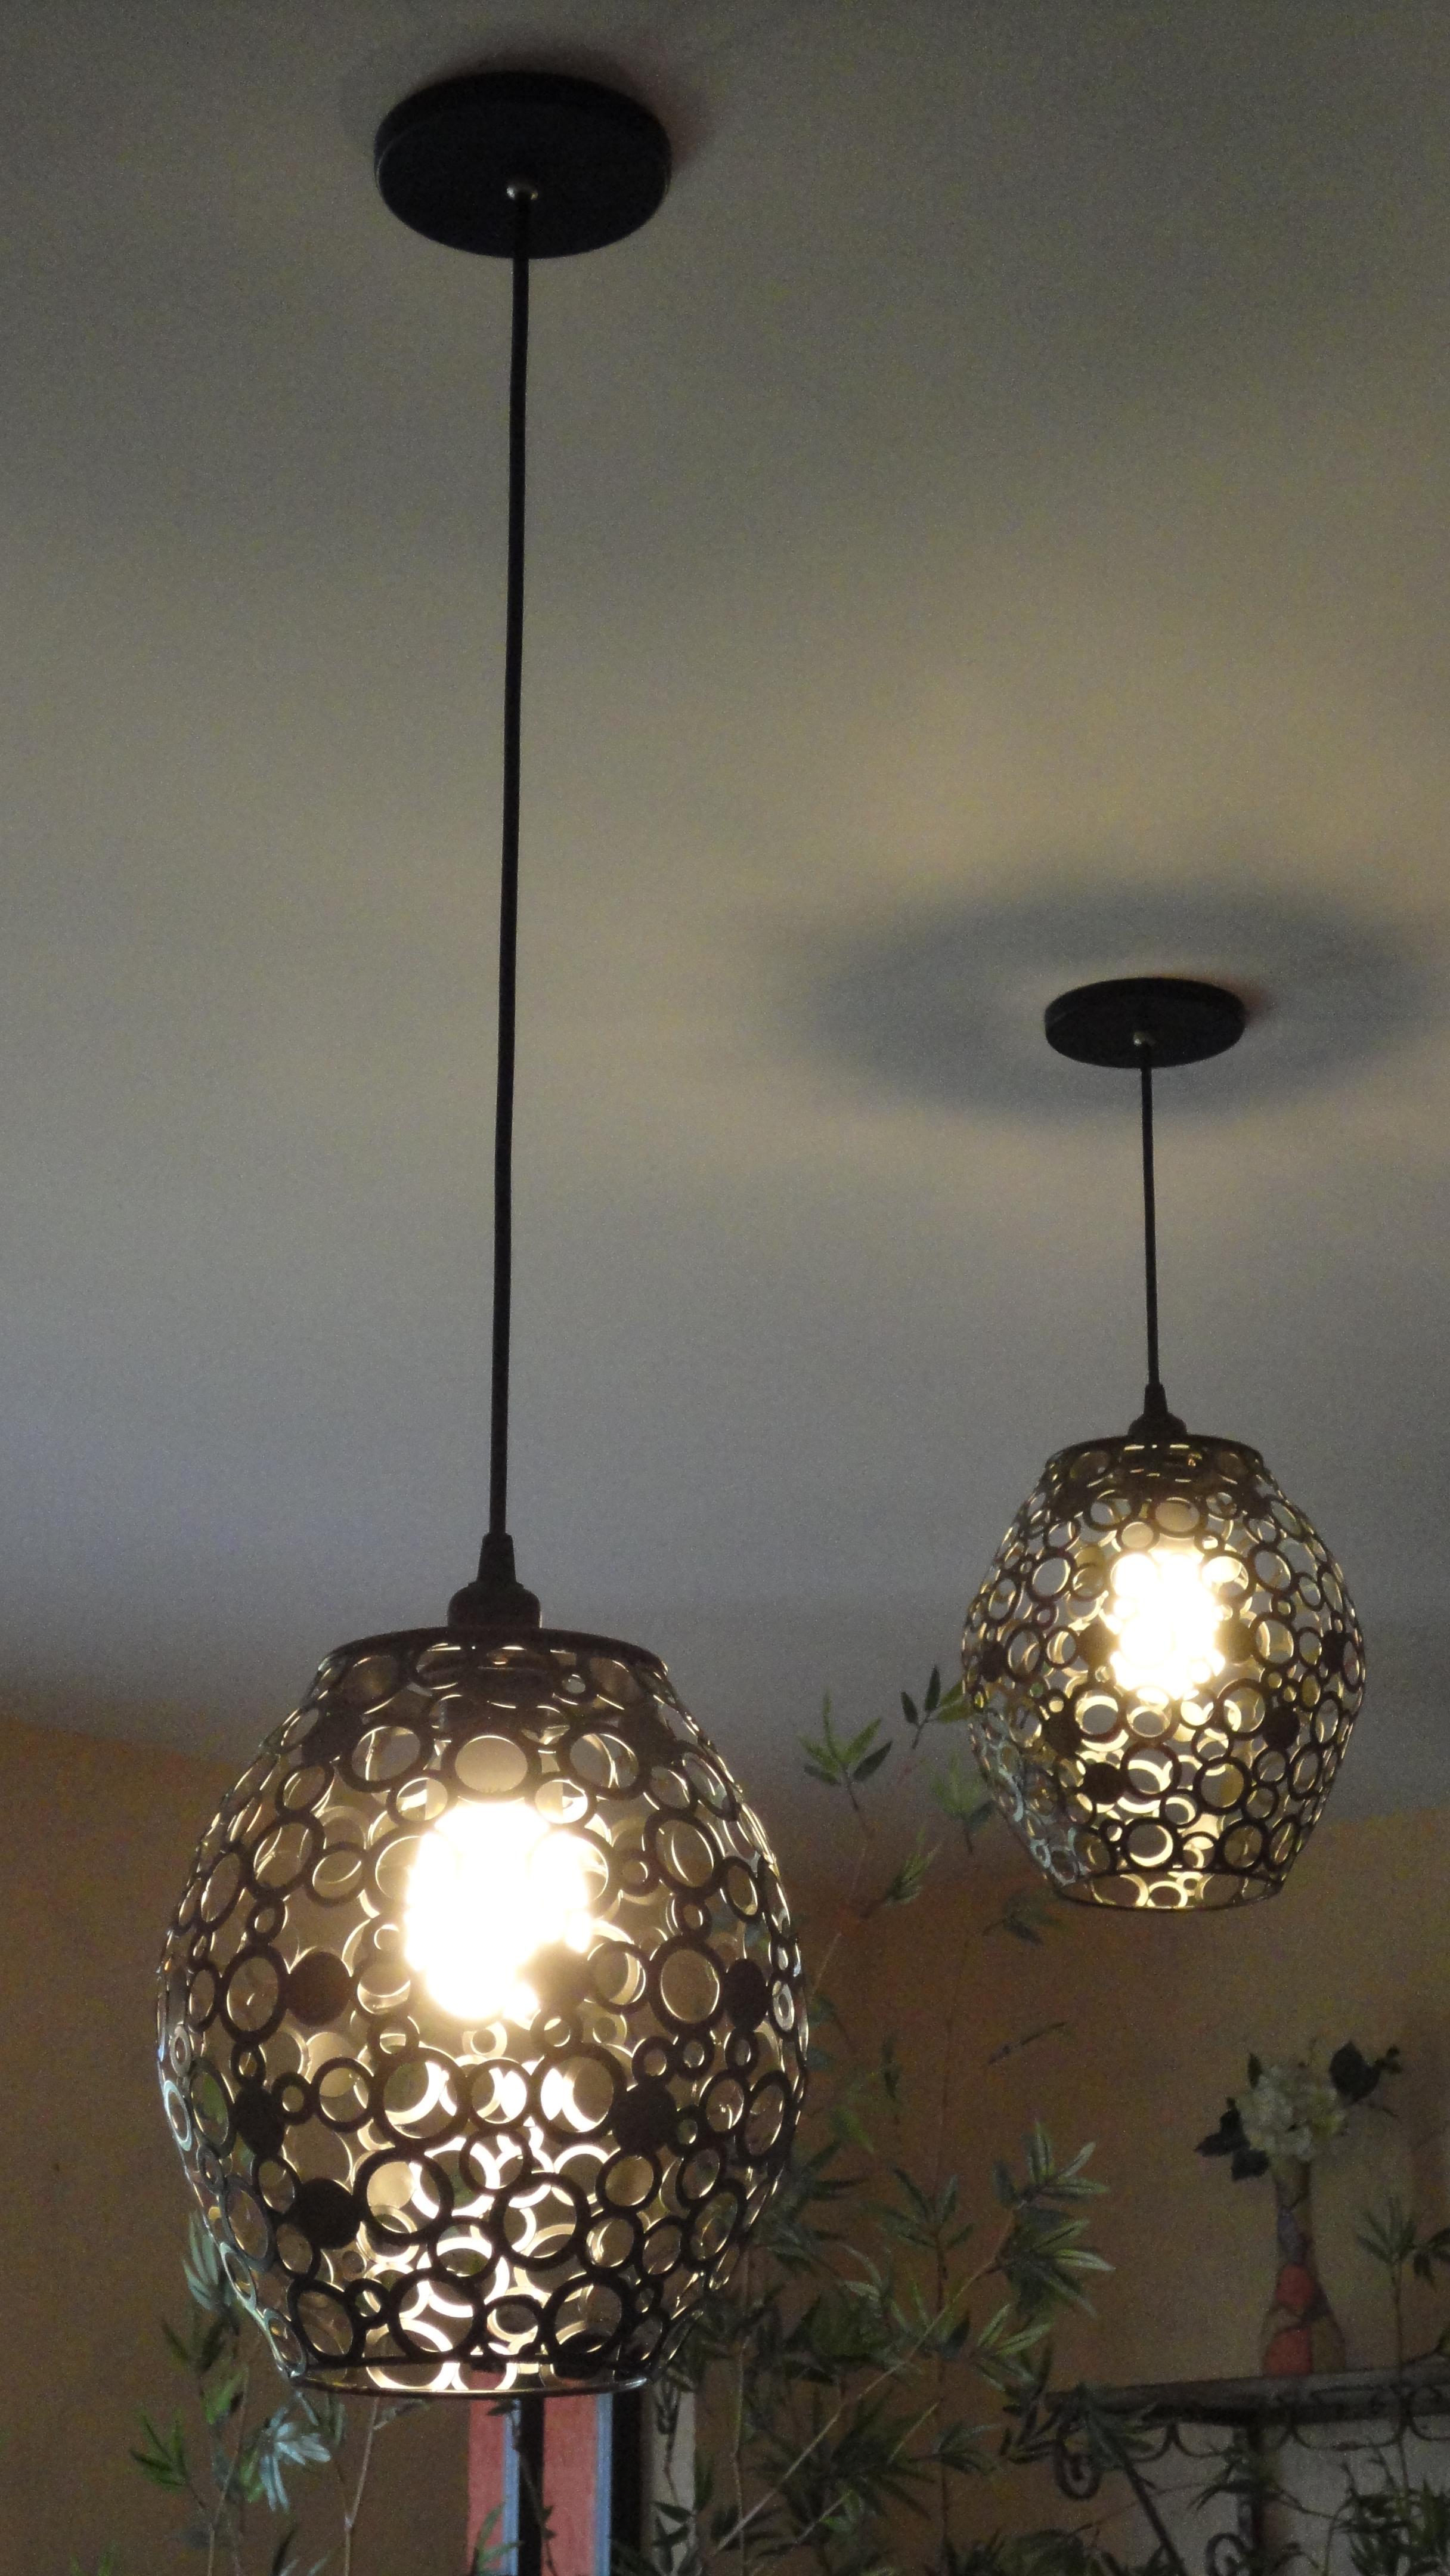 lustre pendente metal casti al crie casa decoracao elo7. Black Bedroom Furniture Sets. Home Design Ideas